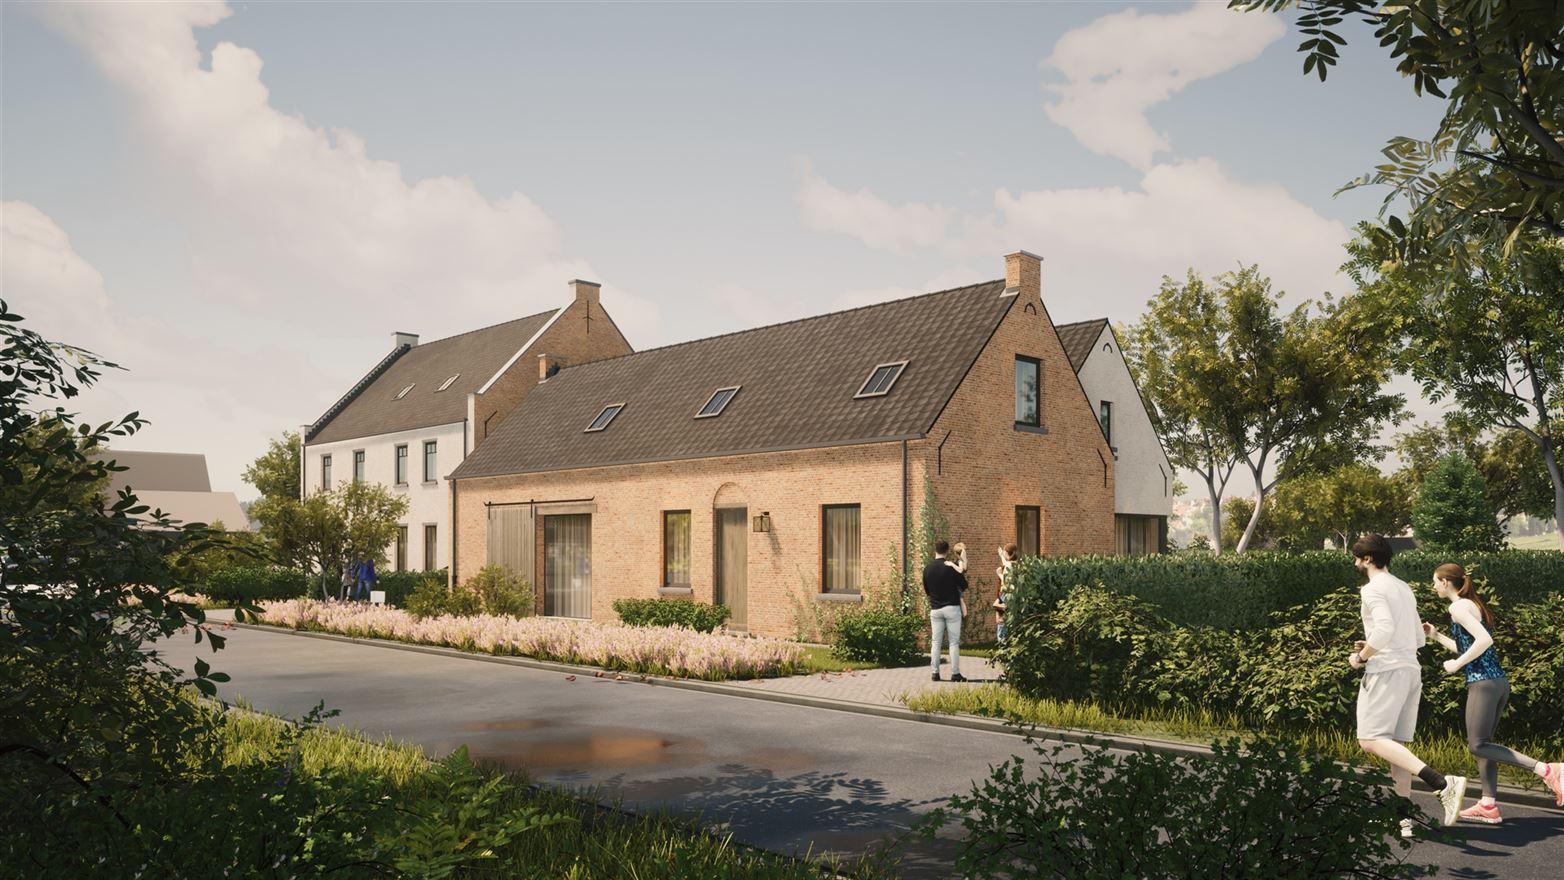 Grensstraat 42-44